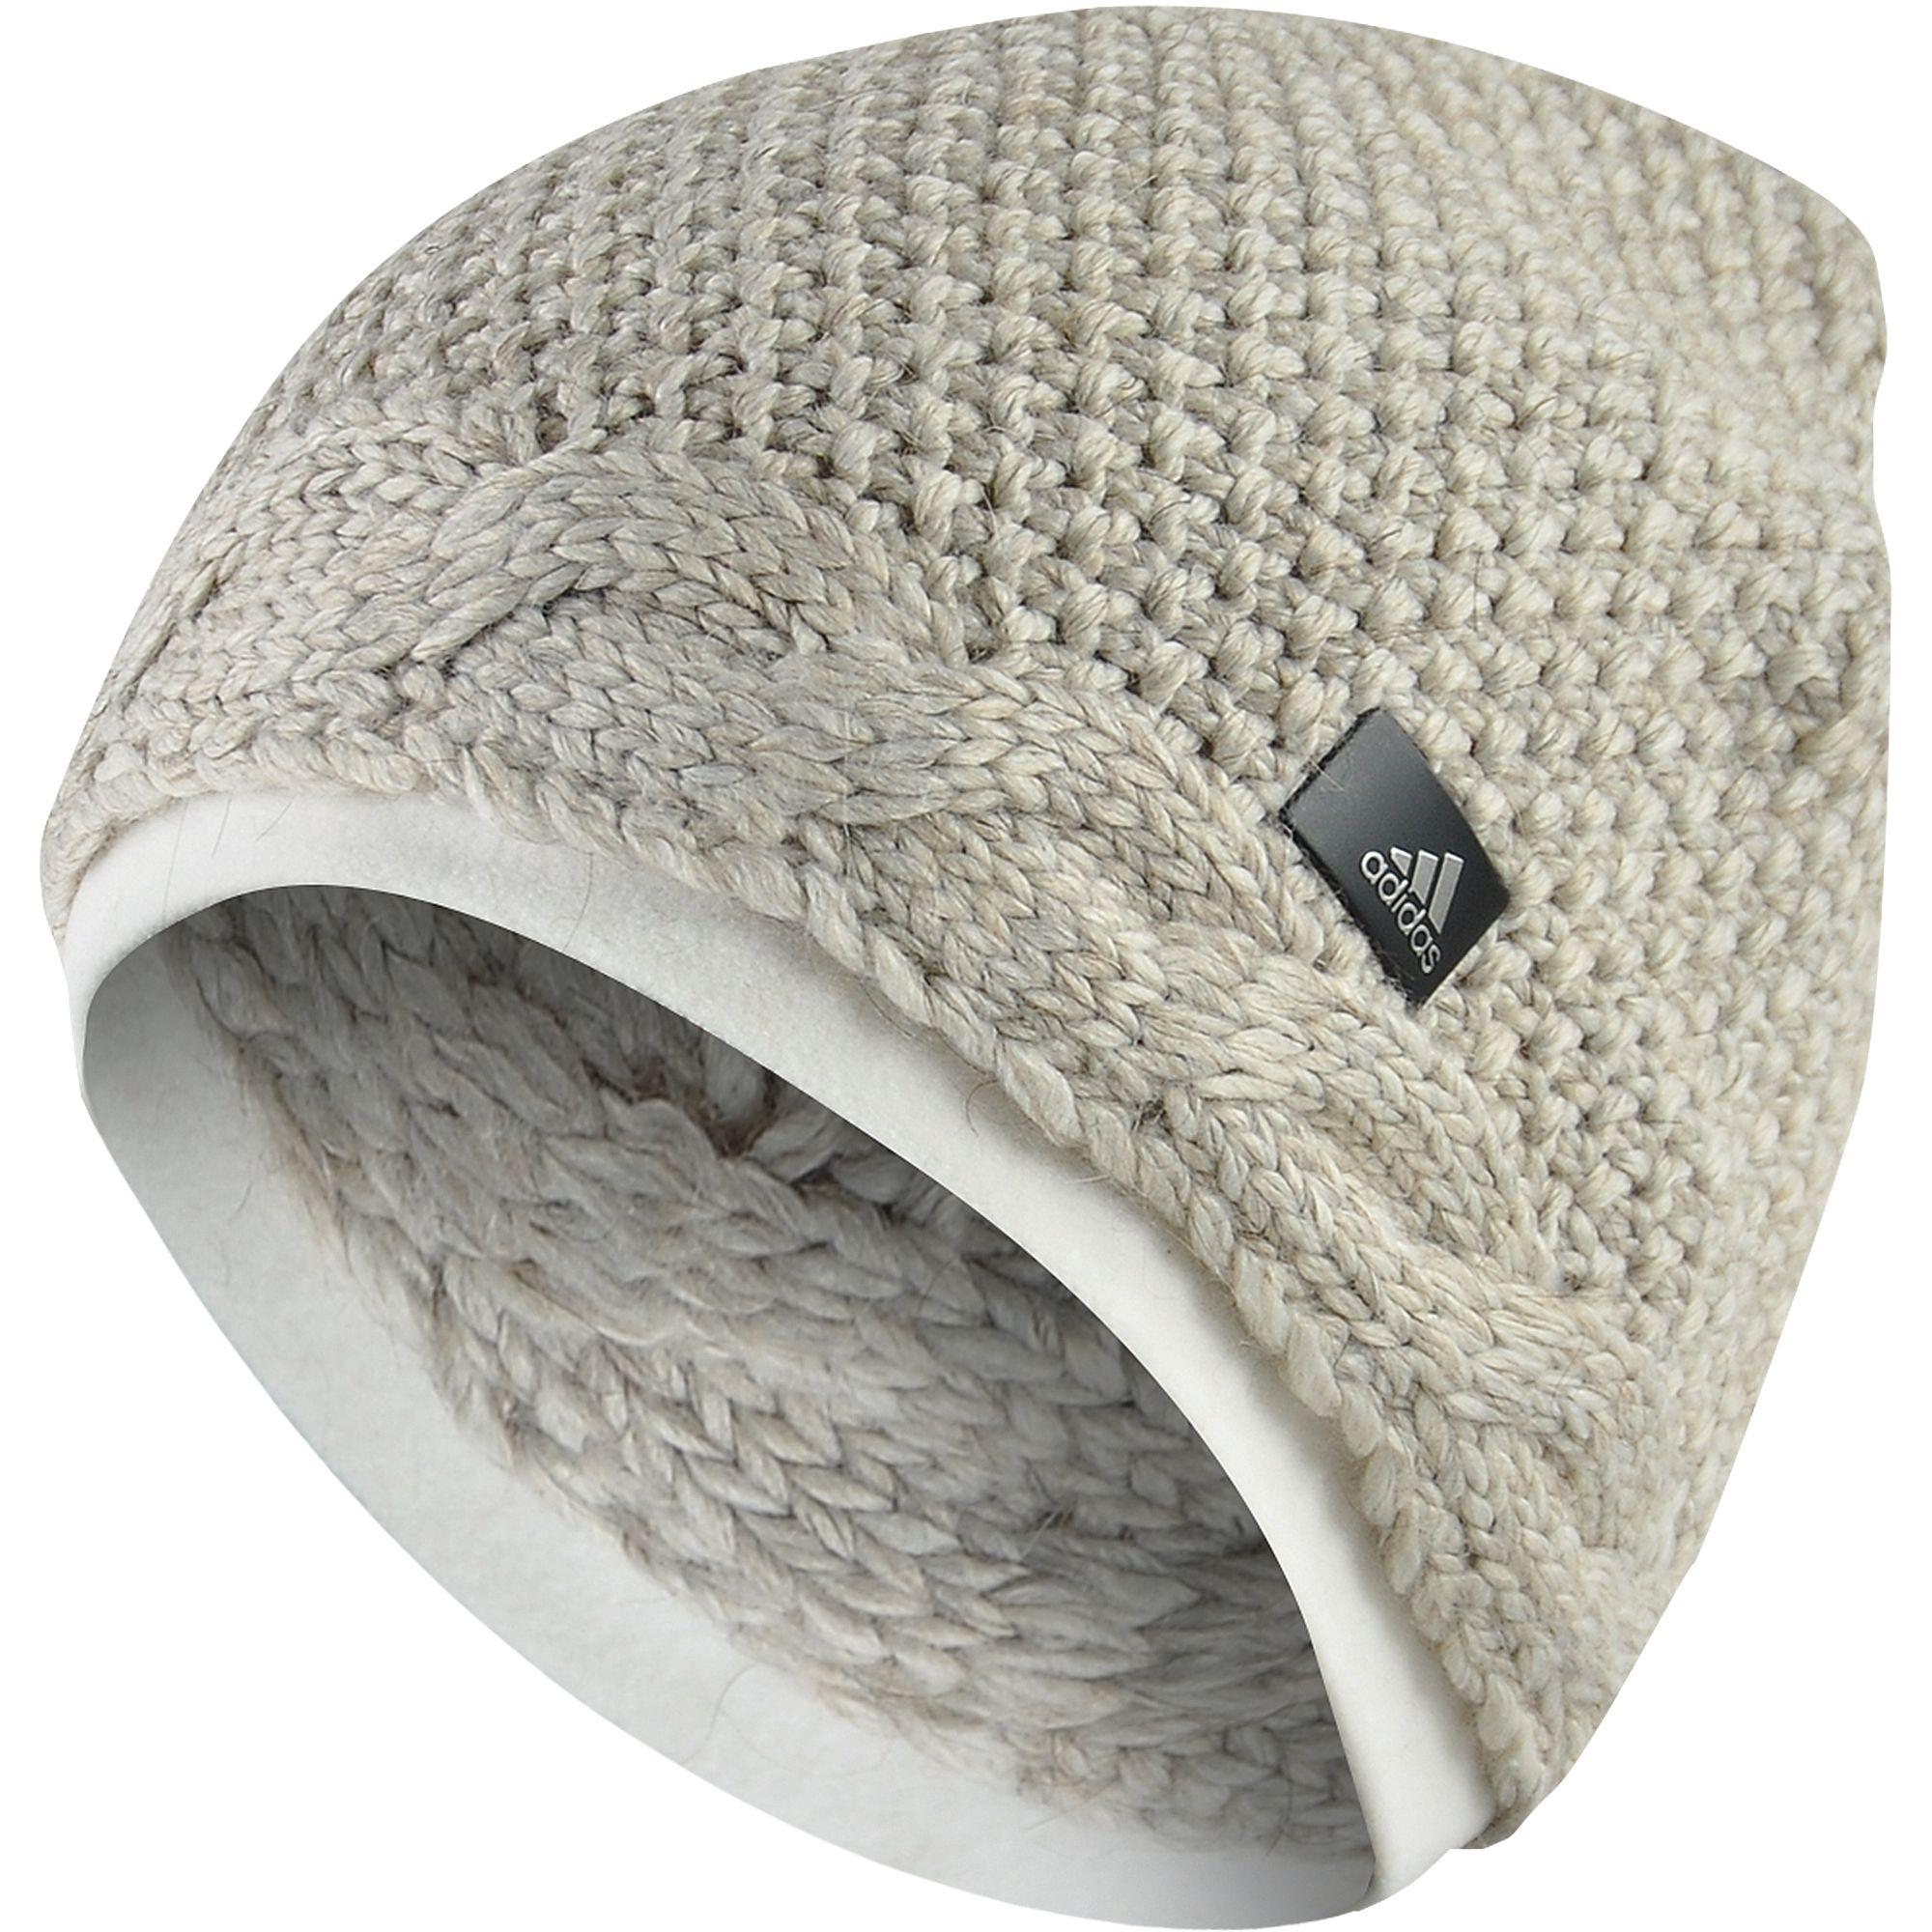 adidas Climaheat Wool Beanie M66588 | Beanie, Wool, Adidas